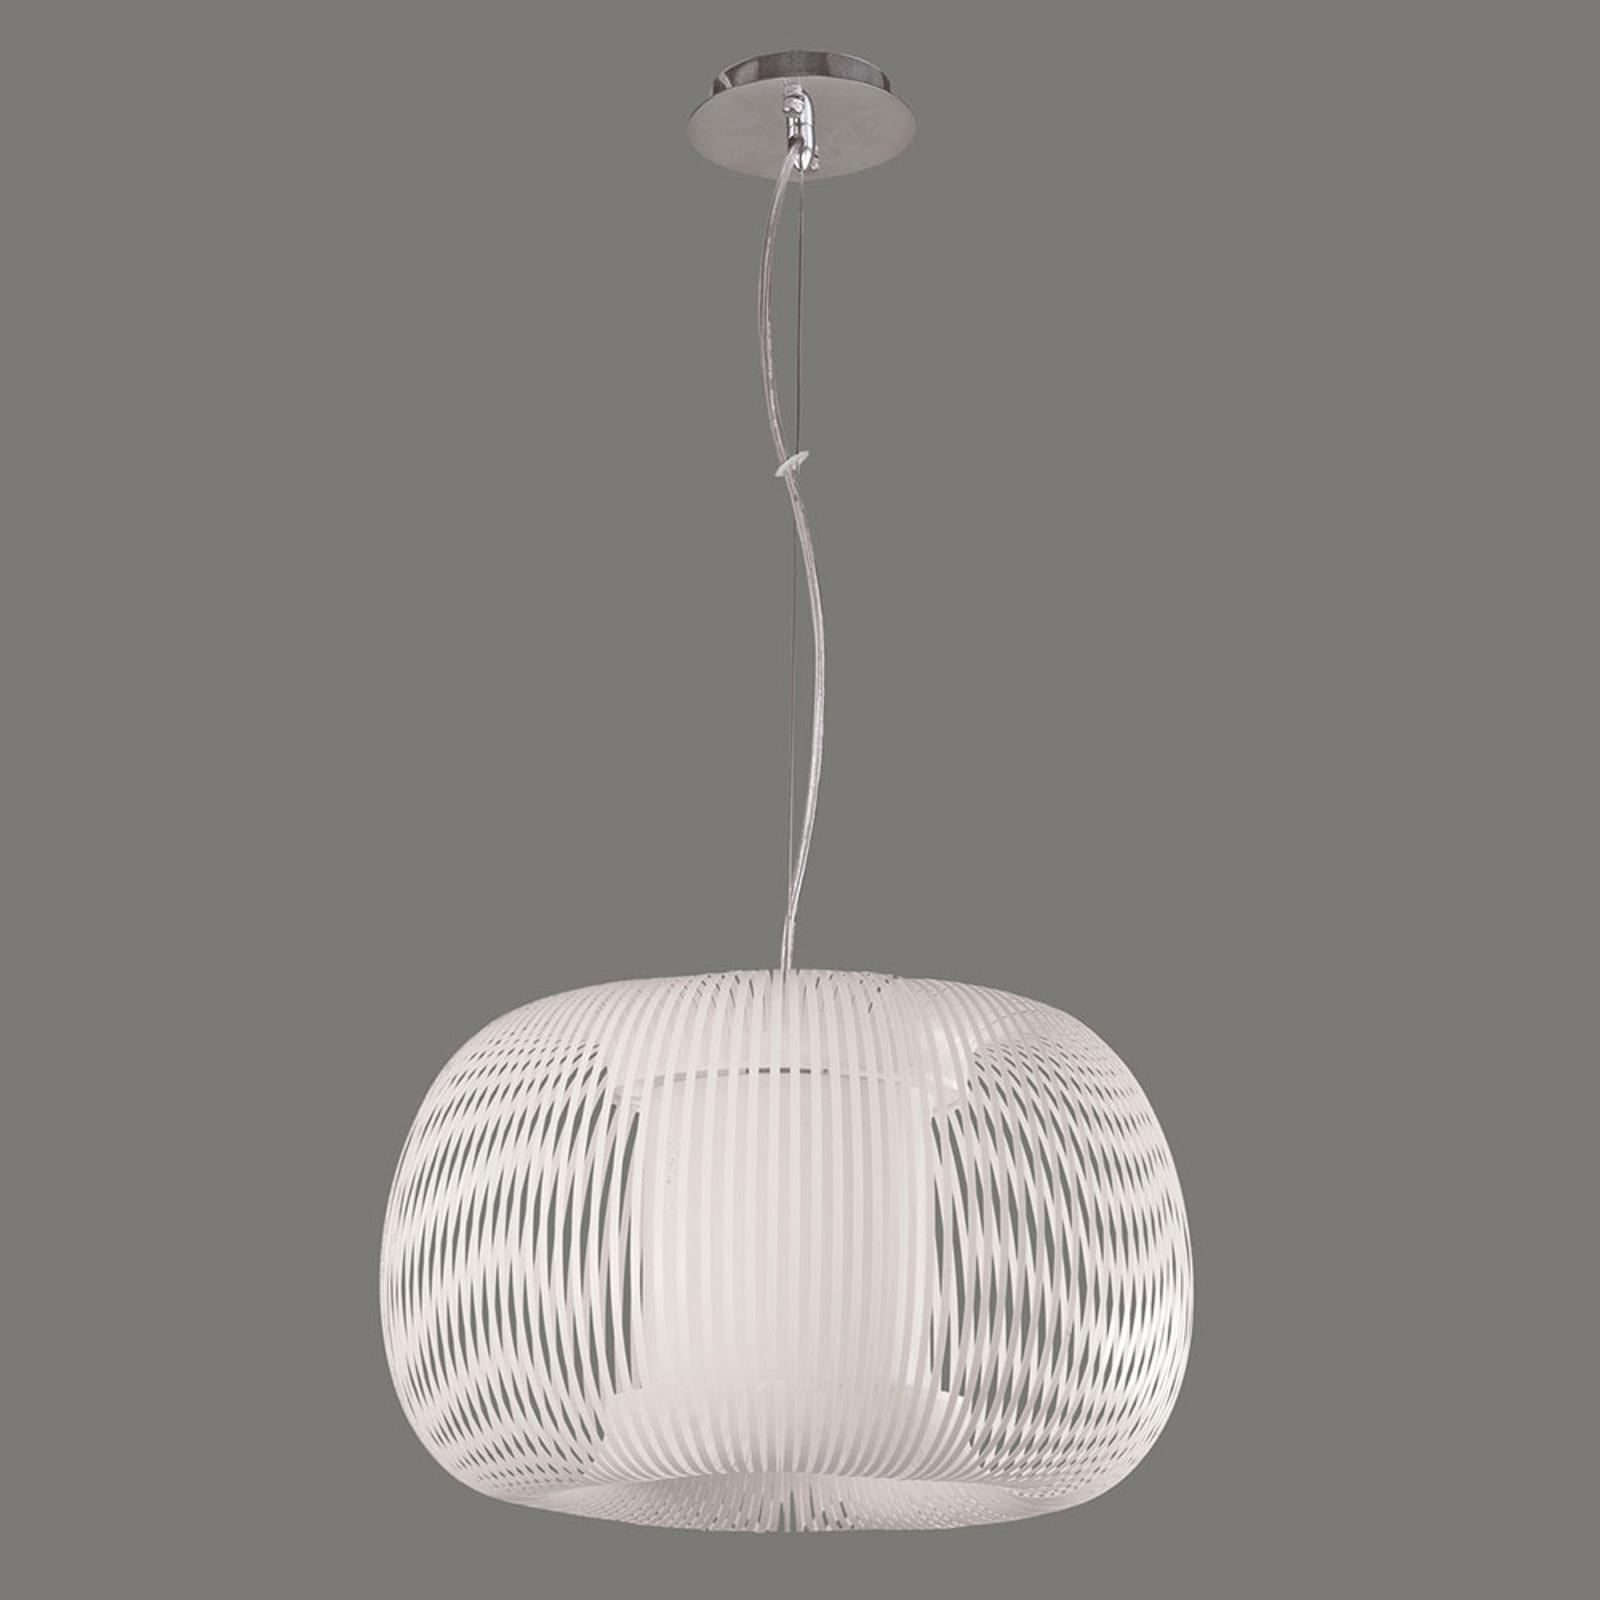 Lampa wisząca Mirta, biała, Ø 45 cm